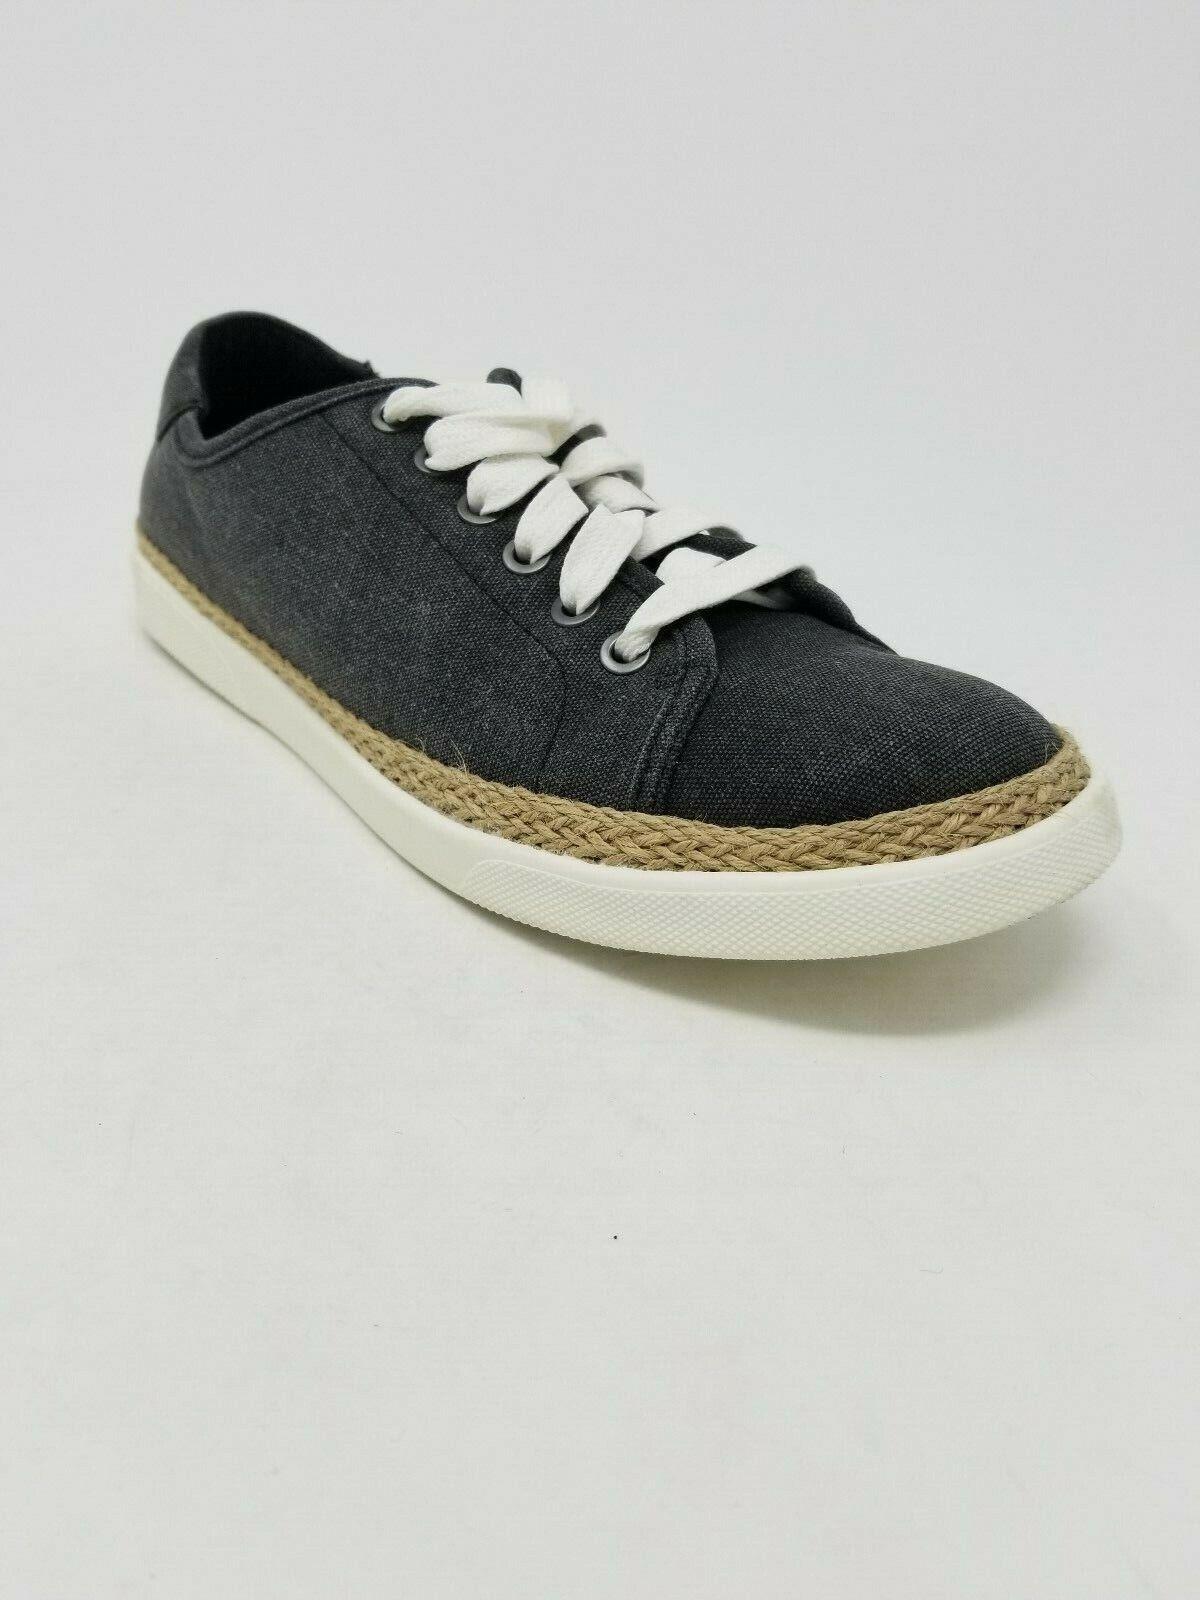 1250 1250 1250 Vionic Women's Sunny Hattie Lace-up Sneaker, Dark Navy, Size 9.5M 265b50